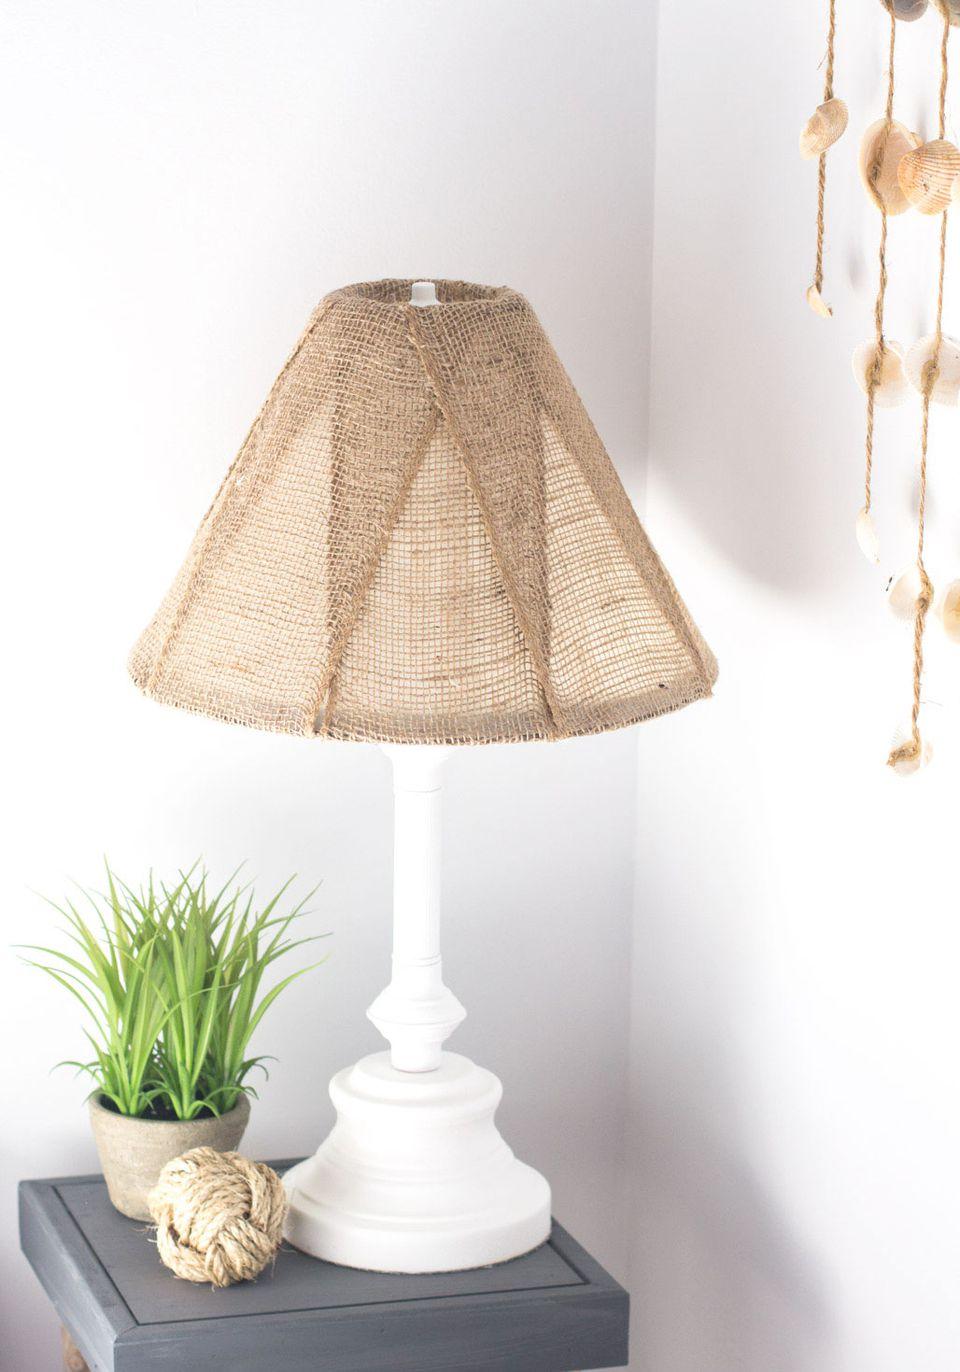 DIY Burlap Lampshade